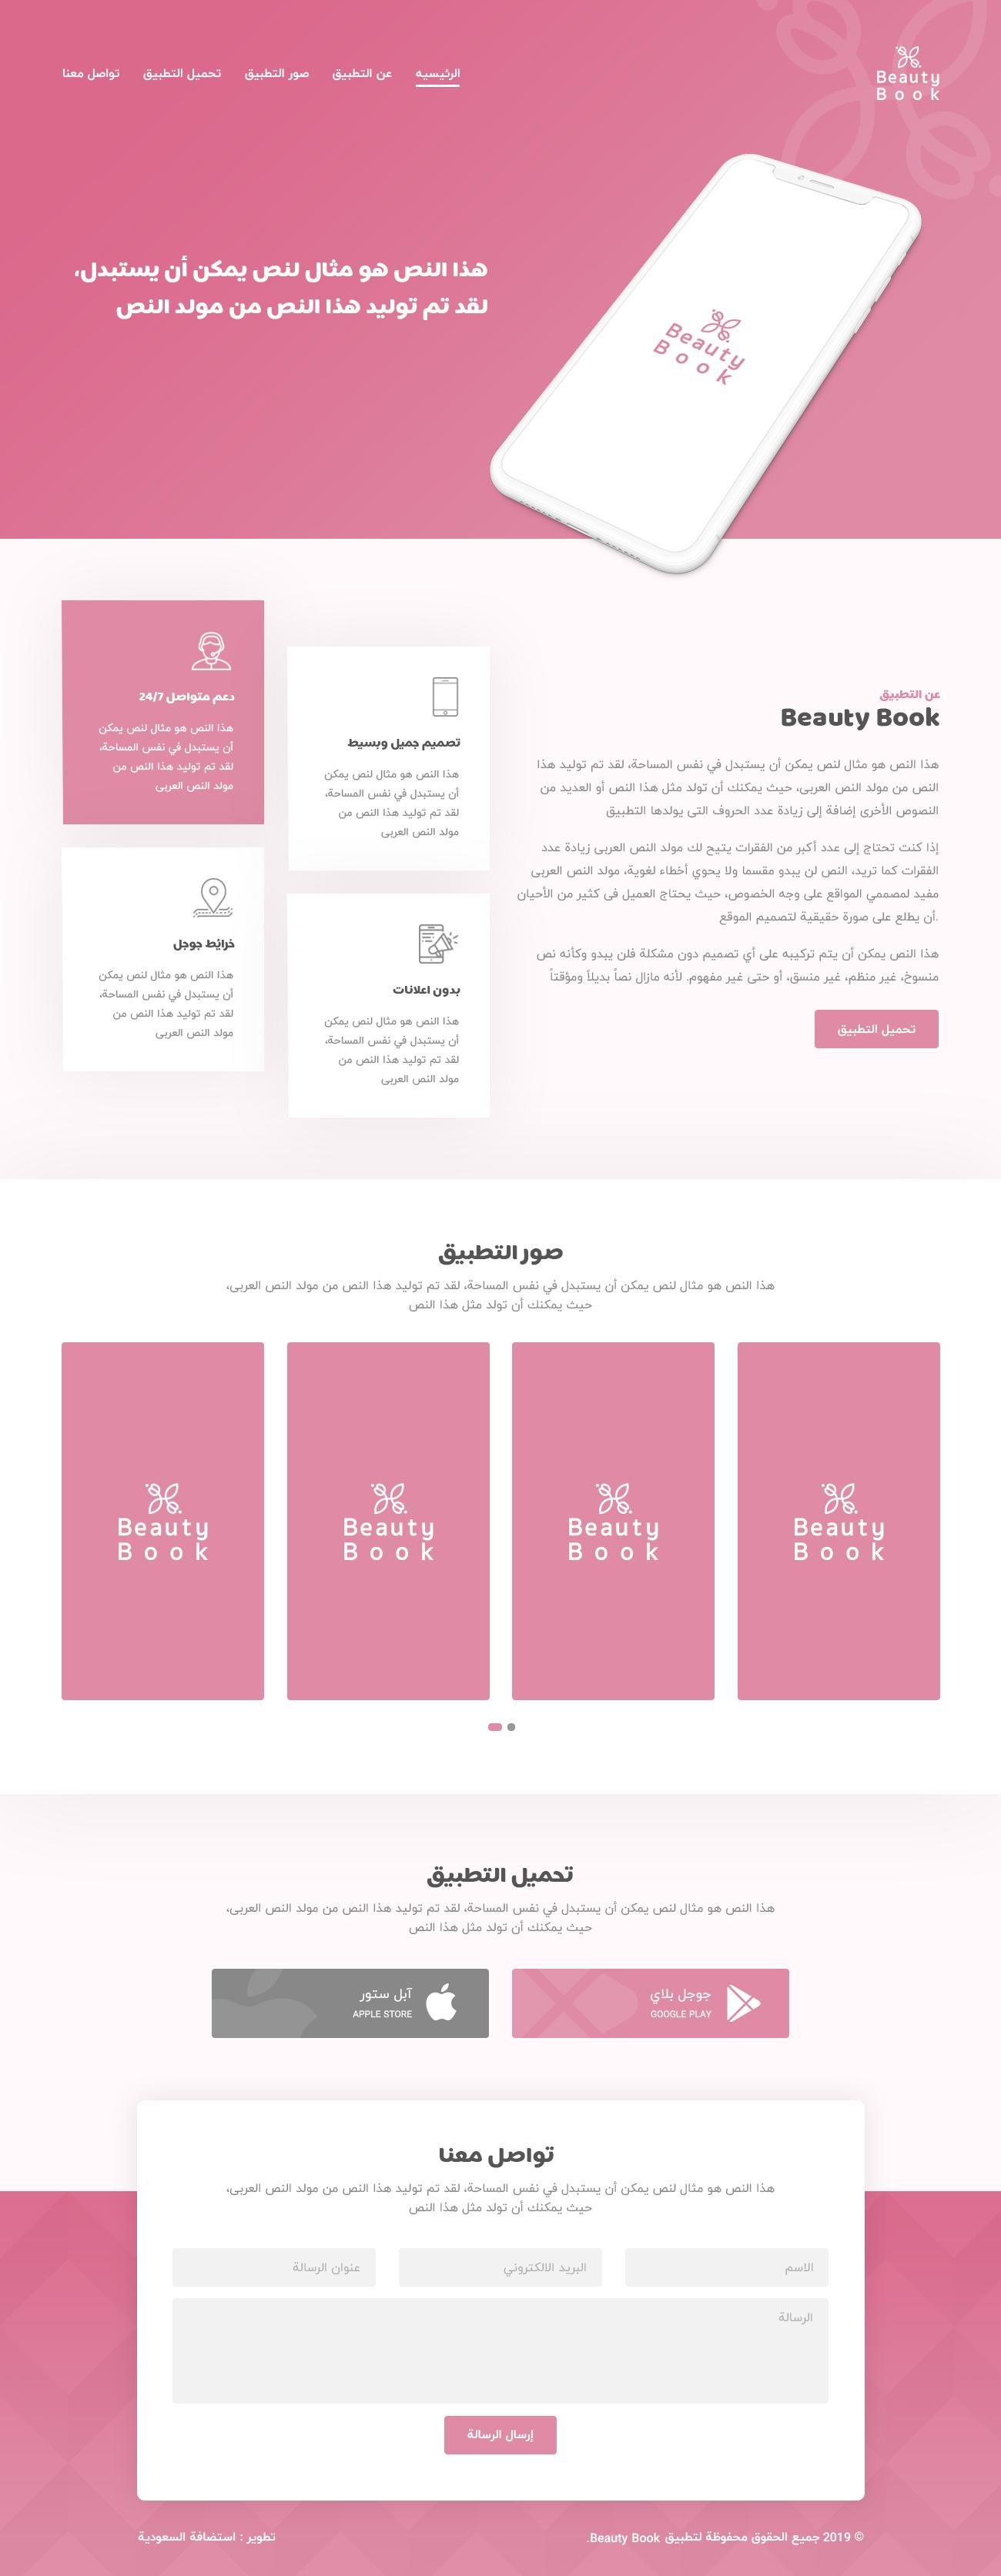 beautybookapp